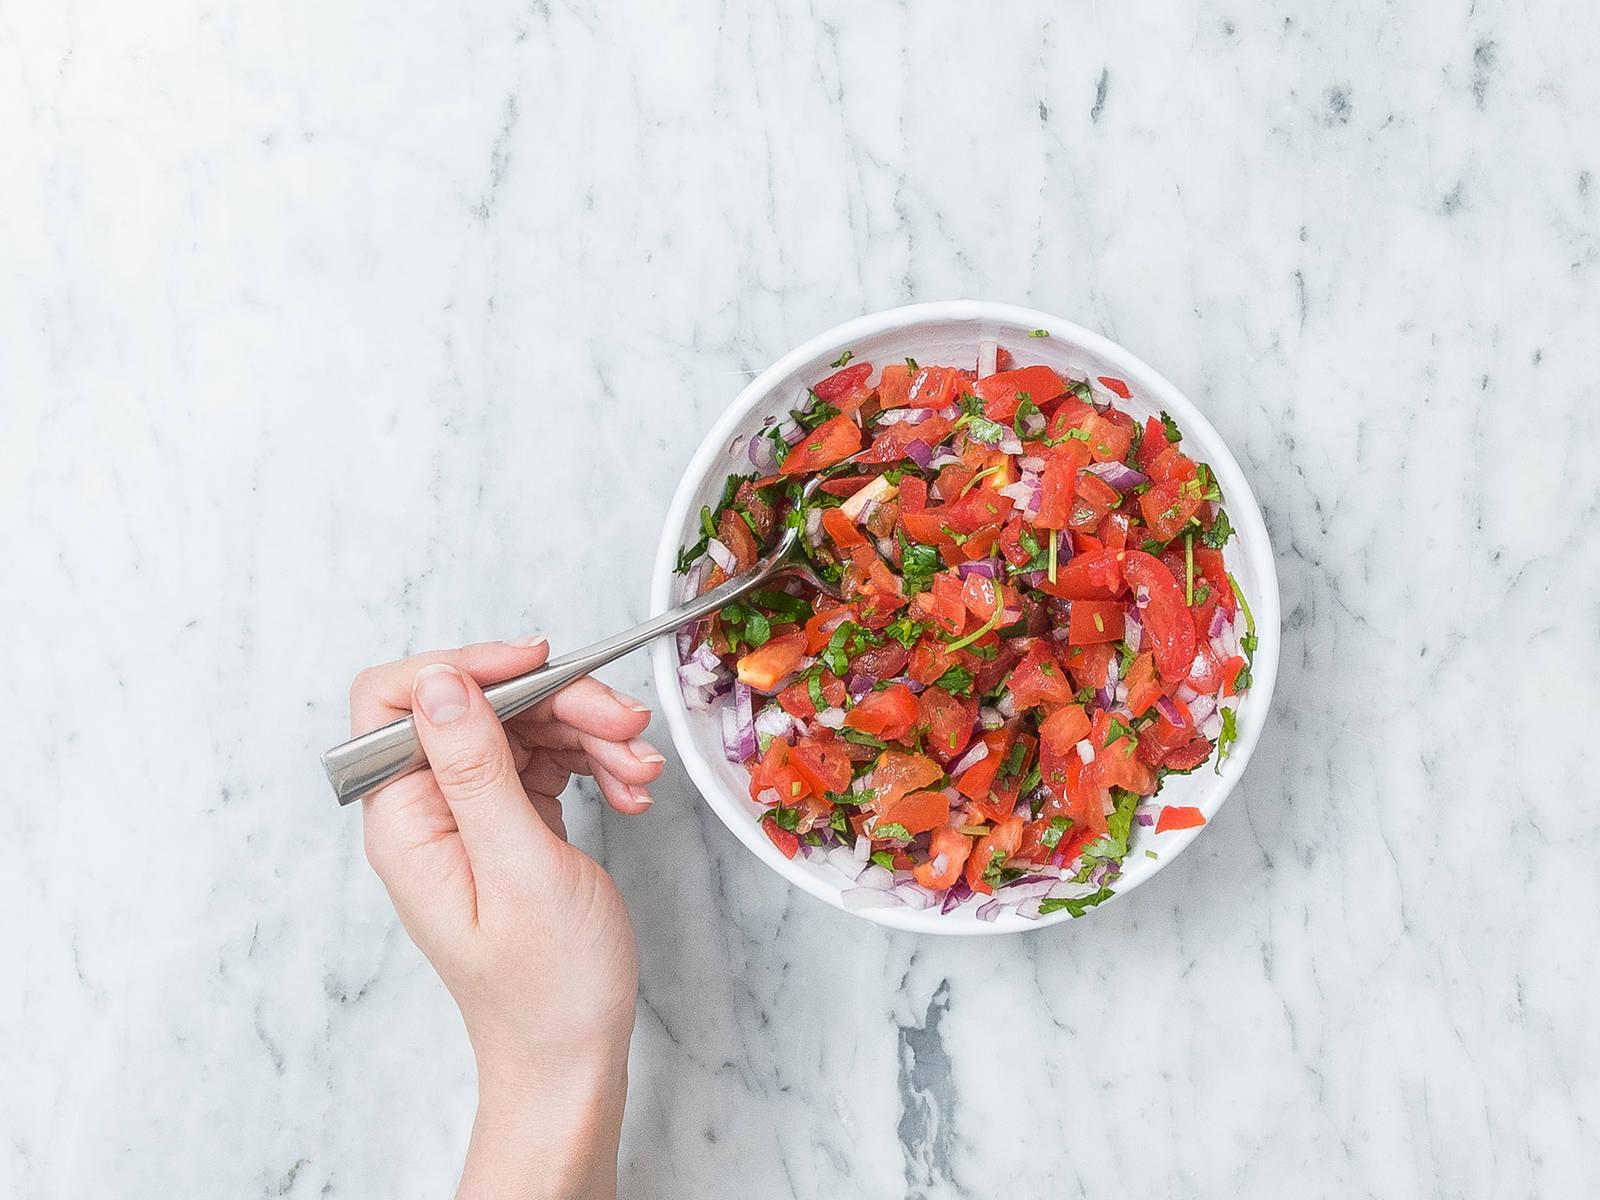 Tomaten halbieren, Strunk und Kerne entfernen und fein würfeln. Rote Zwiebel schälen und fein würfeln. Koriander fein hacken. Tomatenwürfel, Zwiebelwürfel und Koriander in einer kleinen Schüssel vermengen. Beiseitestellen.